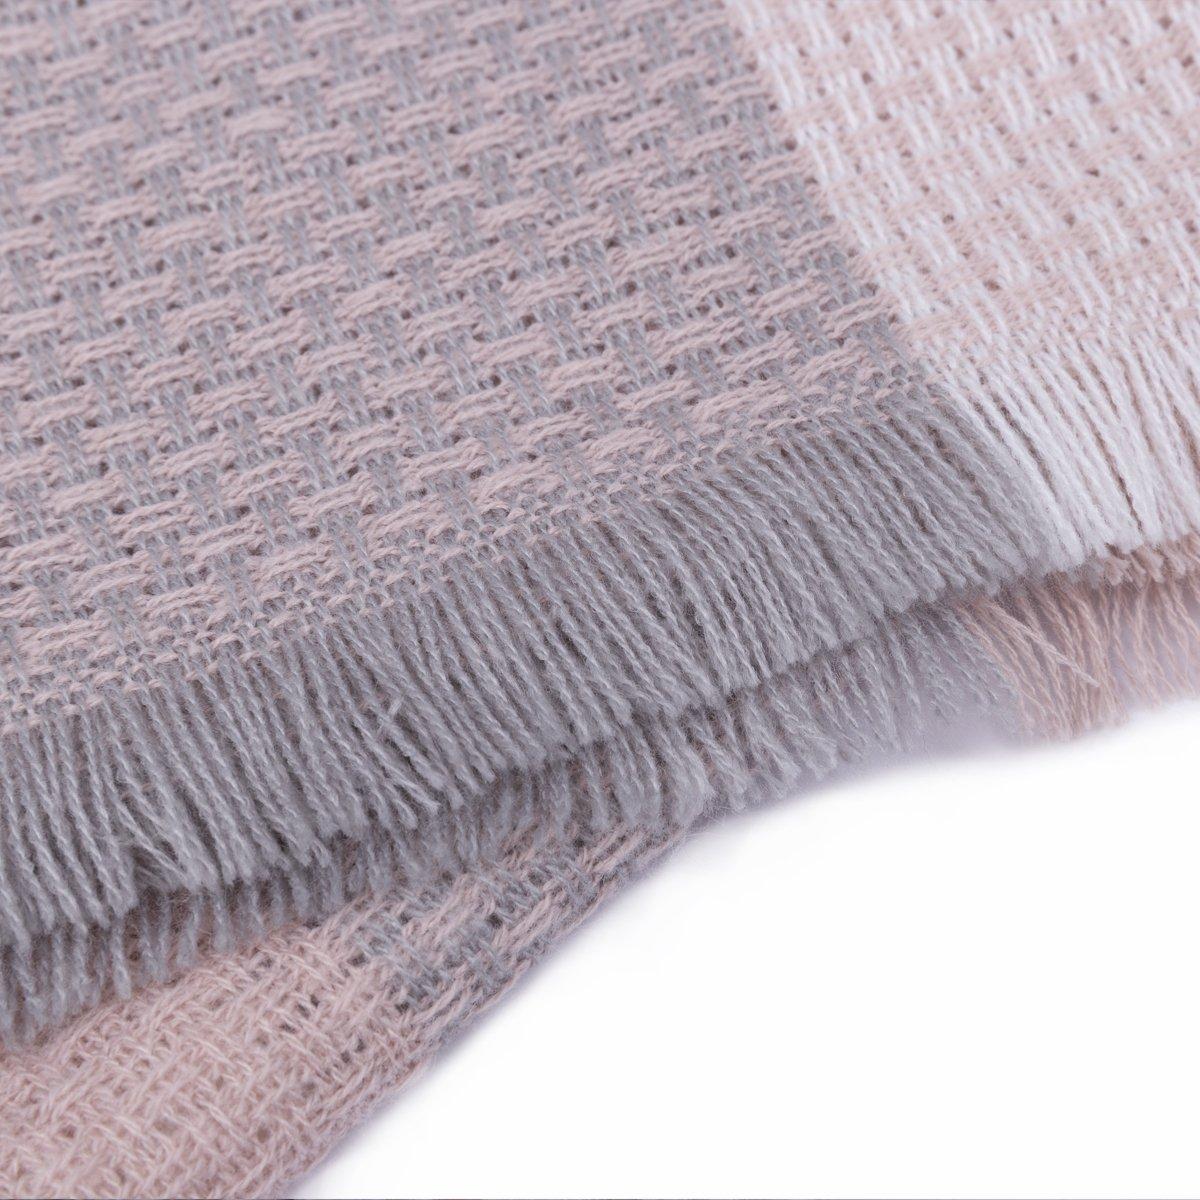 WISH CLUB Frauen Platz Schal übergroße Tartan Decke große Winter warme Schal Quaste Wrap